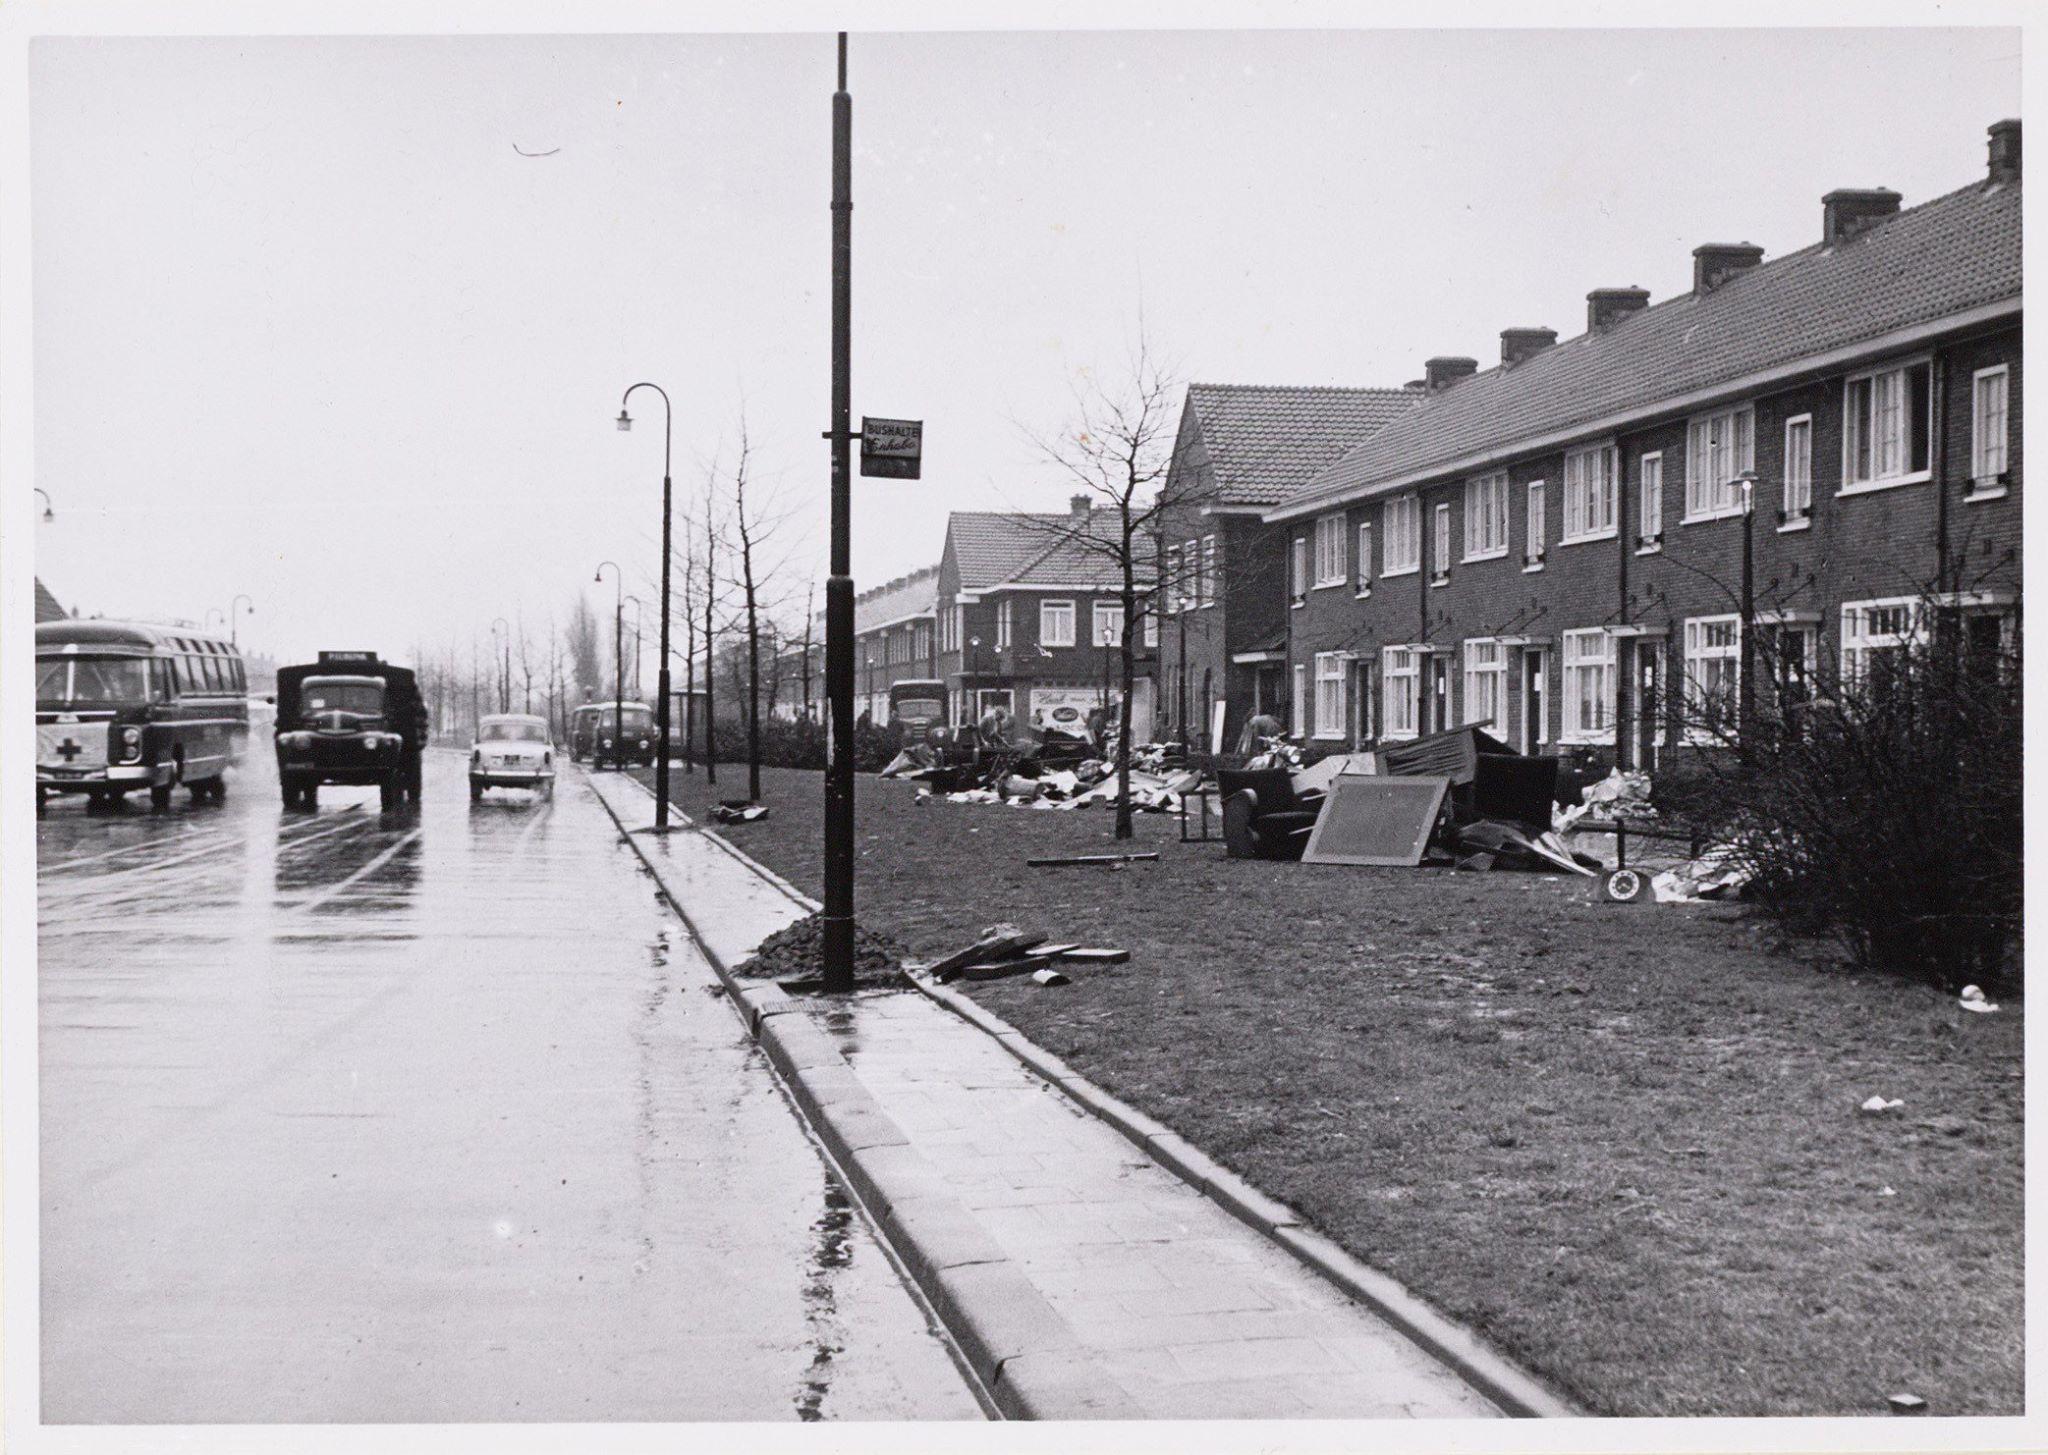 Tuindorp-Oostzaan. Meteorenweg, als mensen na de watersnood weer naar hun woning terug keren.